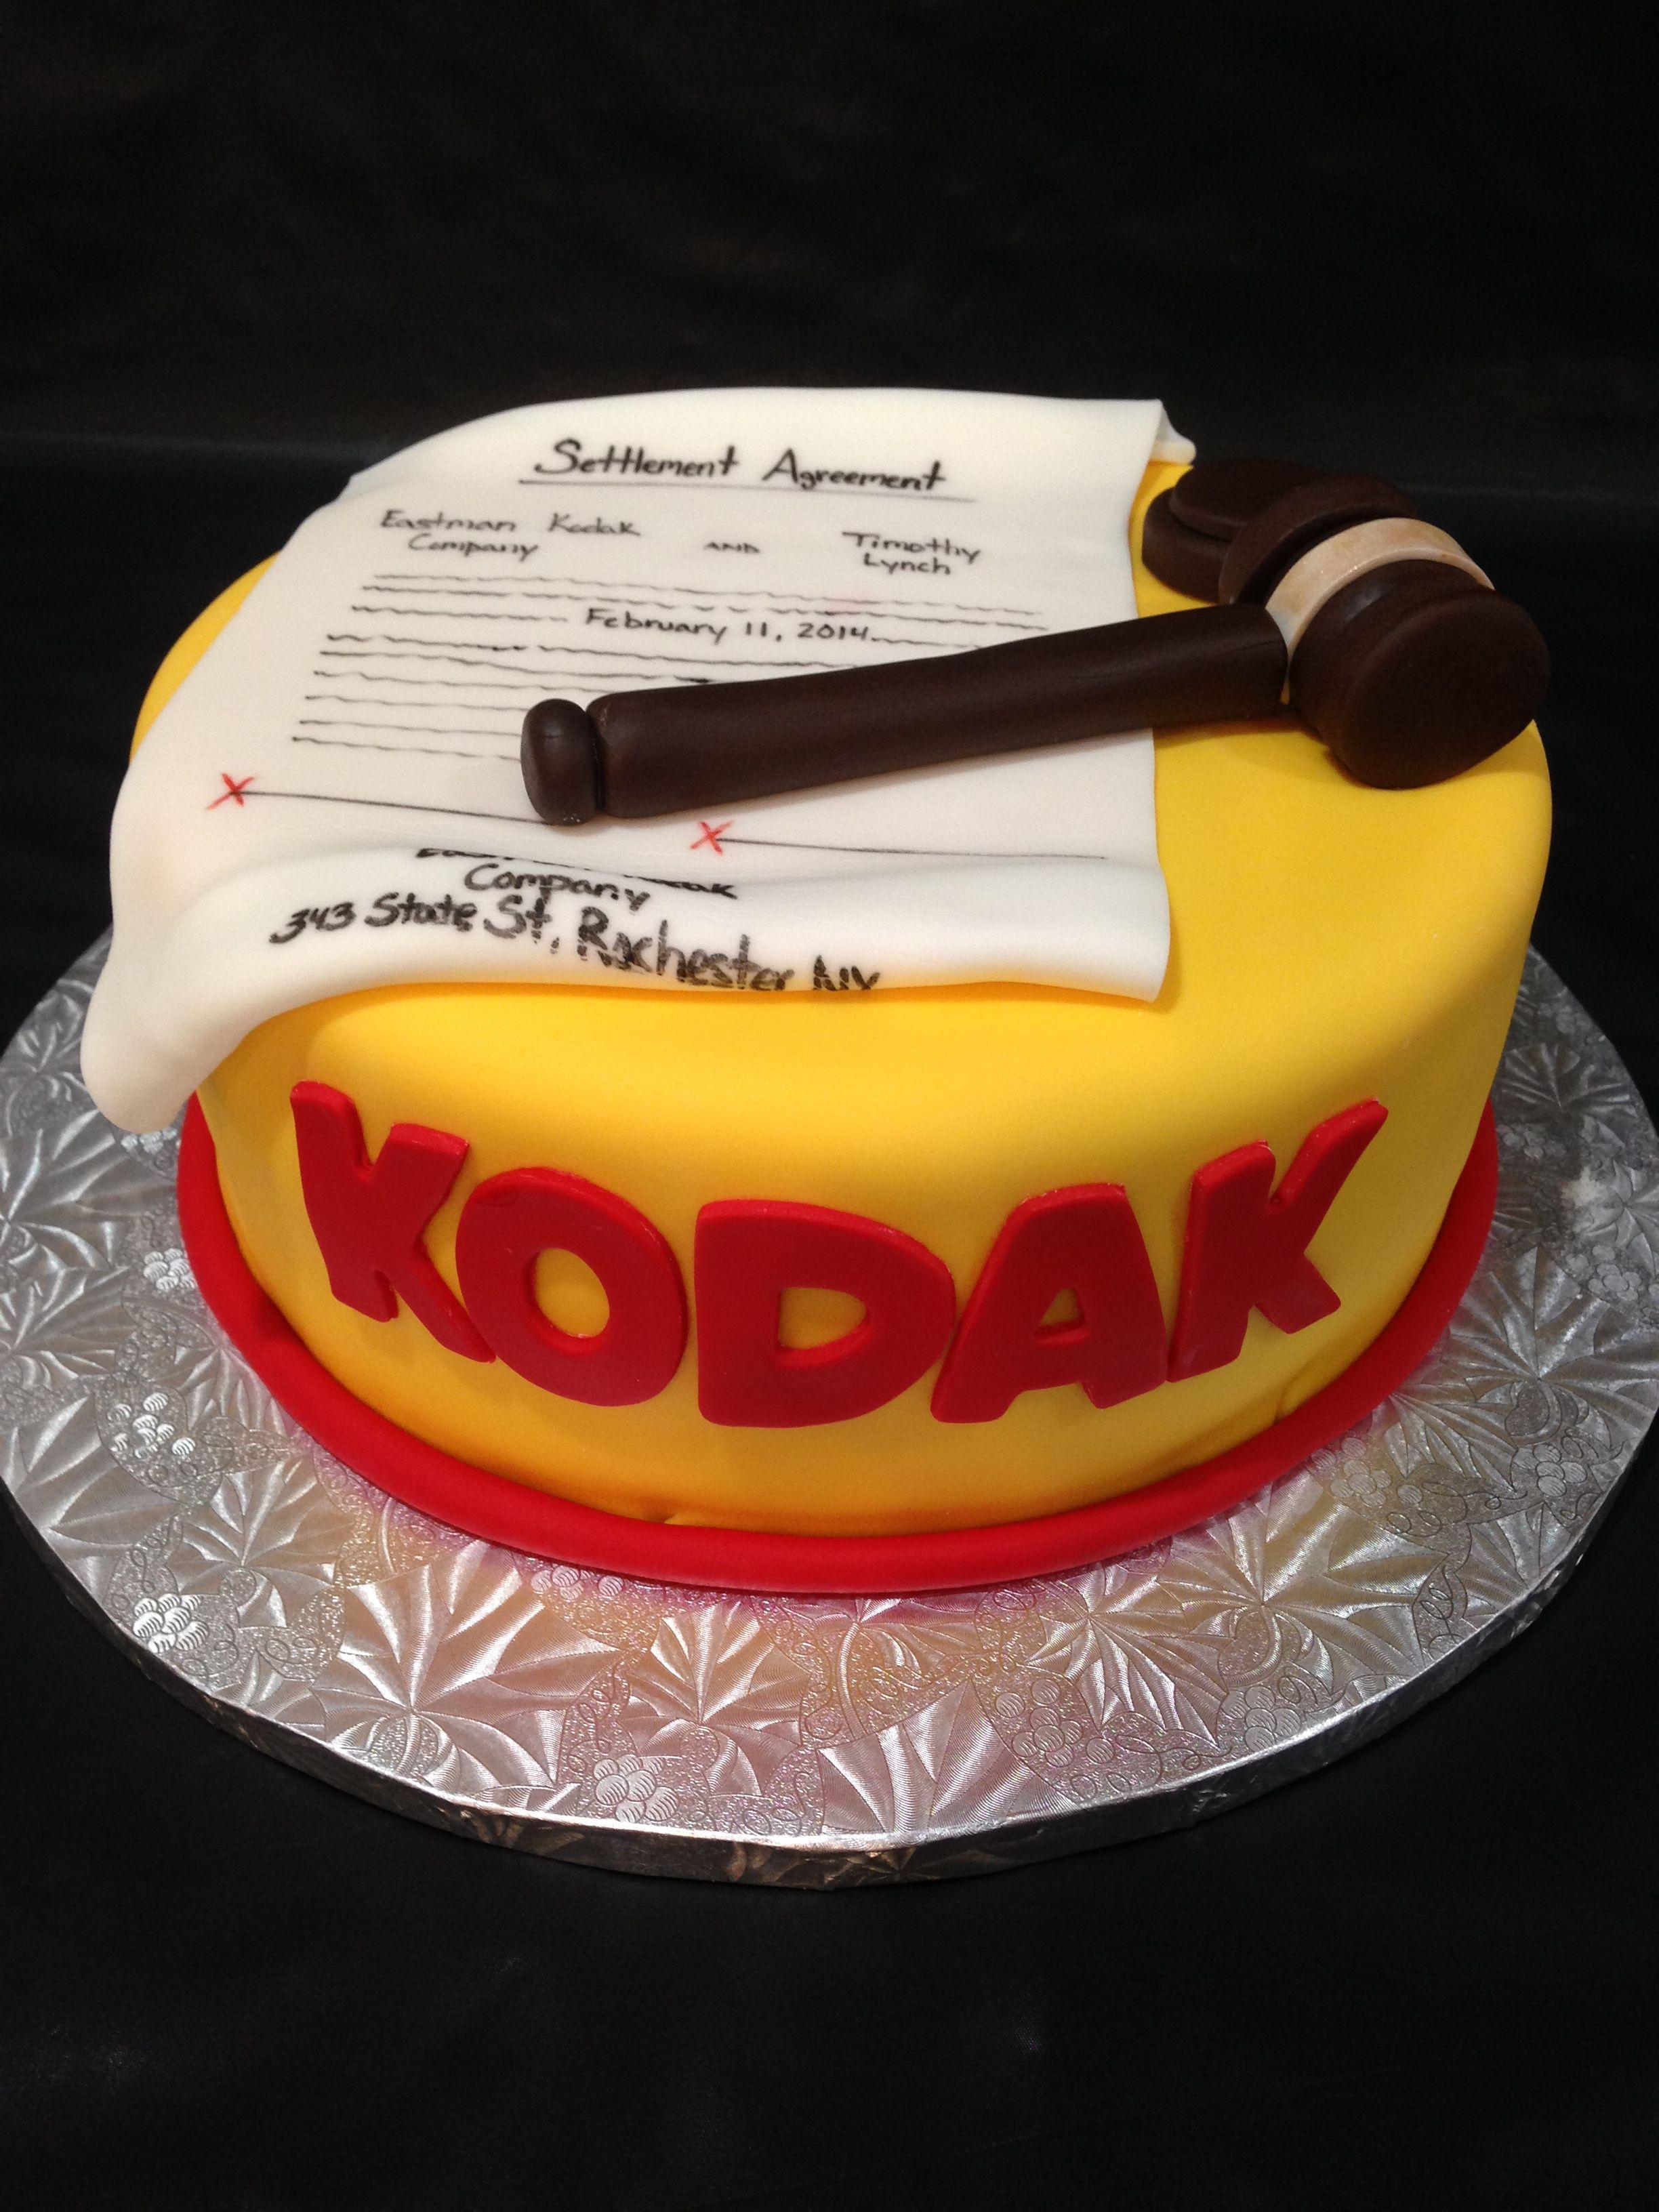 Kodak retirement cake careerprofessional pinterest kodak retirement cake fandeluxe Choice Image